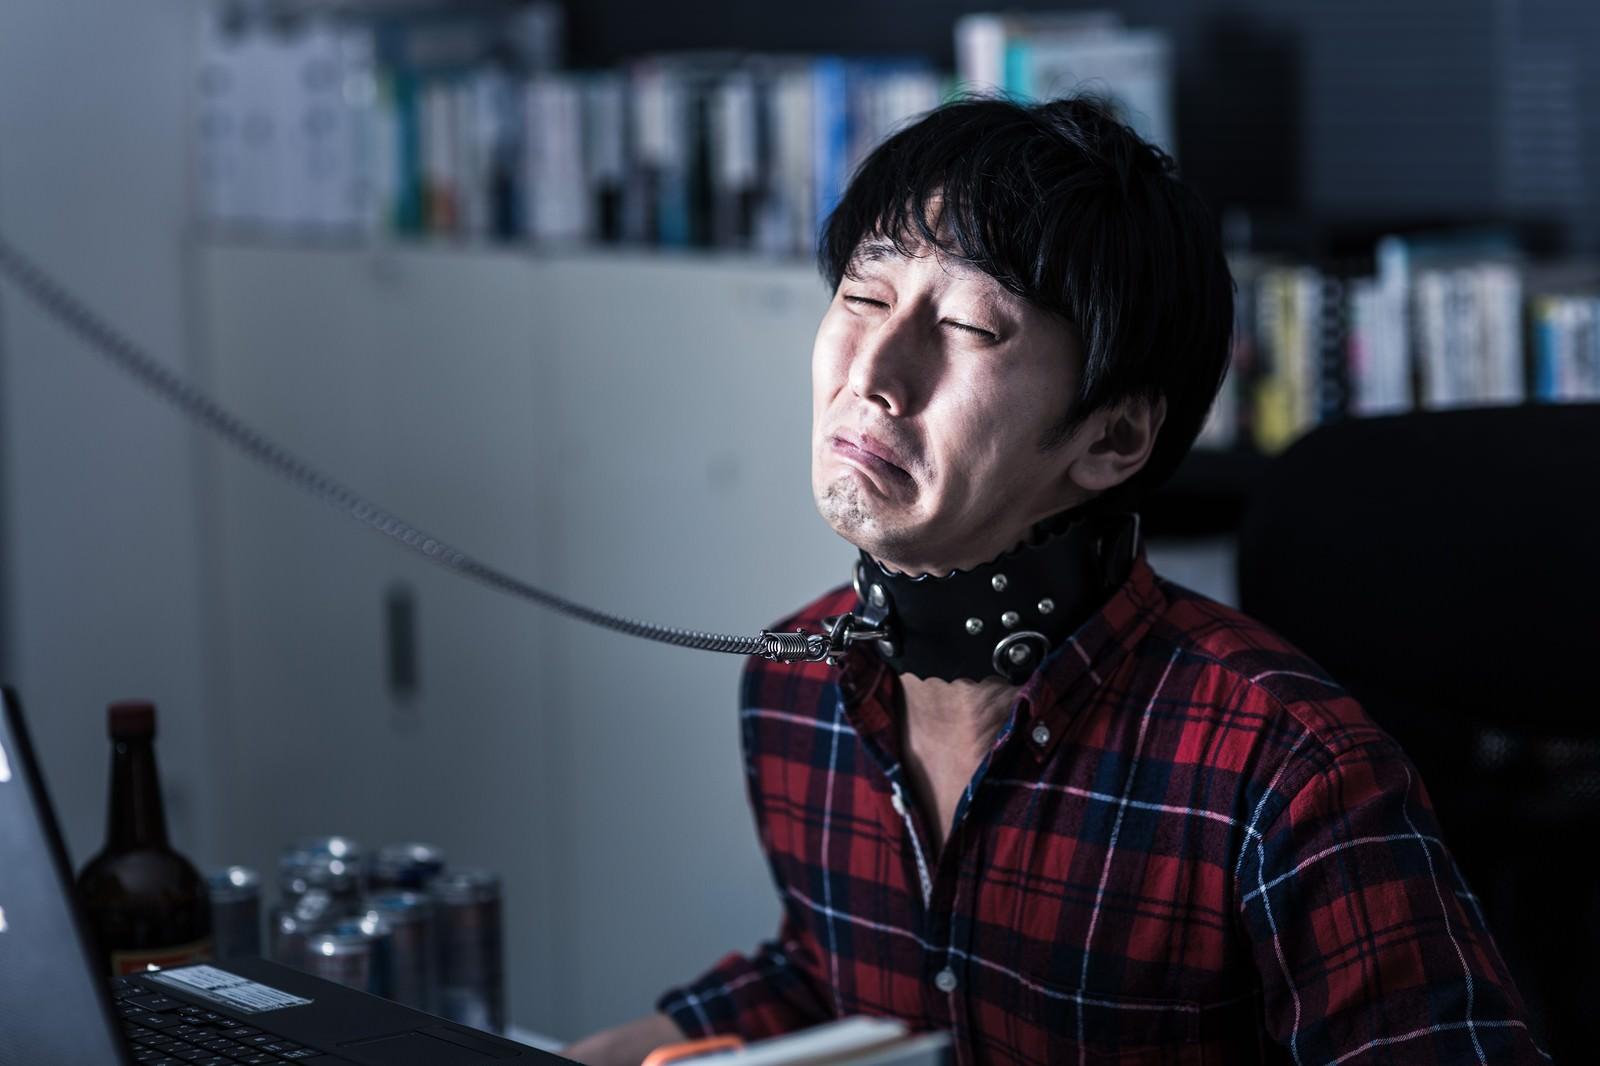 「首輪を繋がれ泣きながら残業する若きエンジニア首輪を繋がれ泣きながら残業する若きエンジニア」[モデル:大川竜弥]のフリー写真素材を拡大